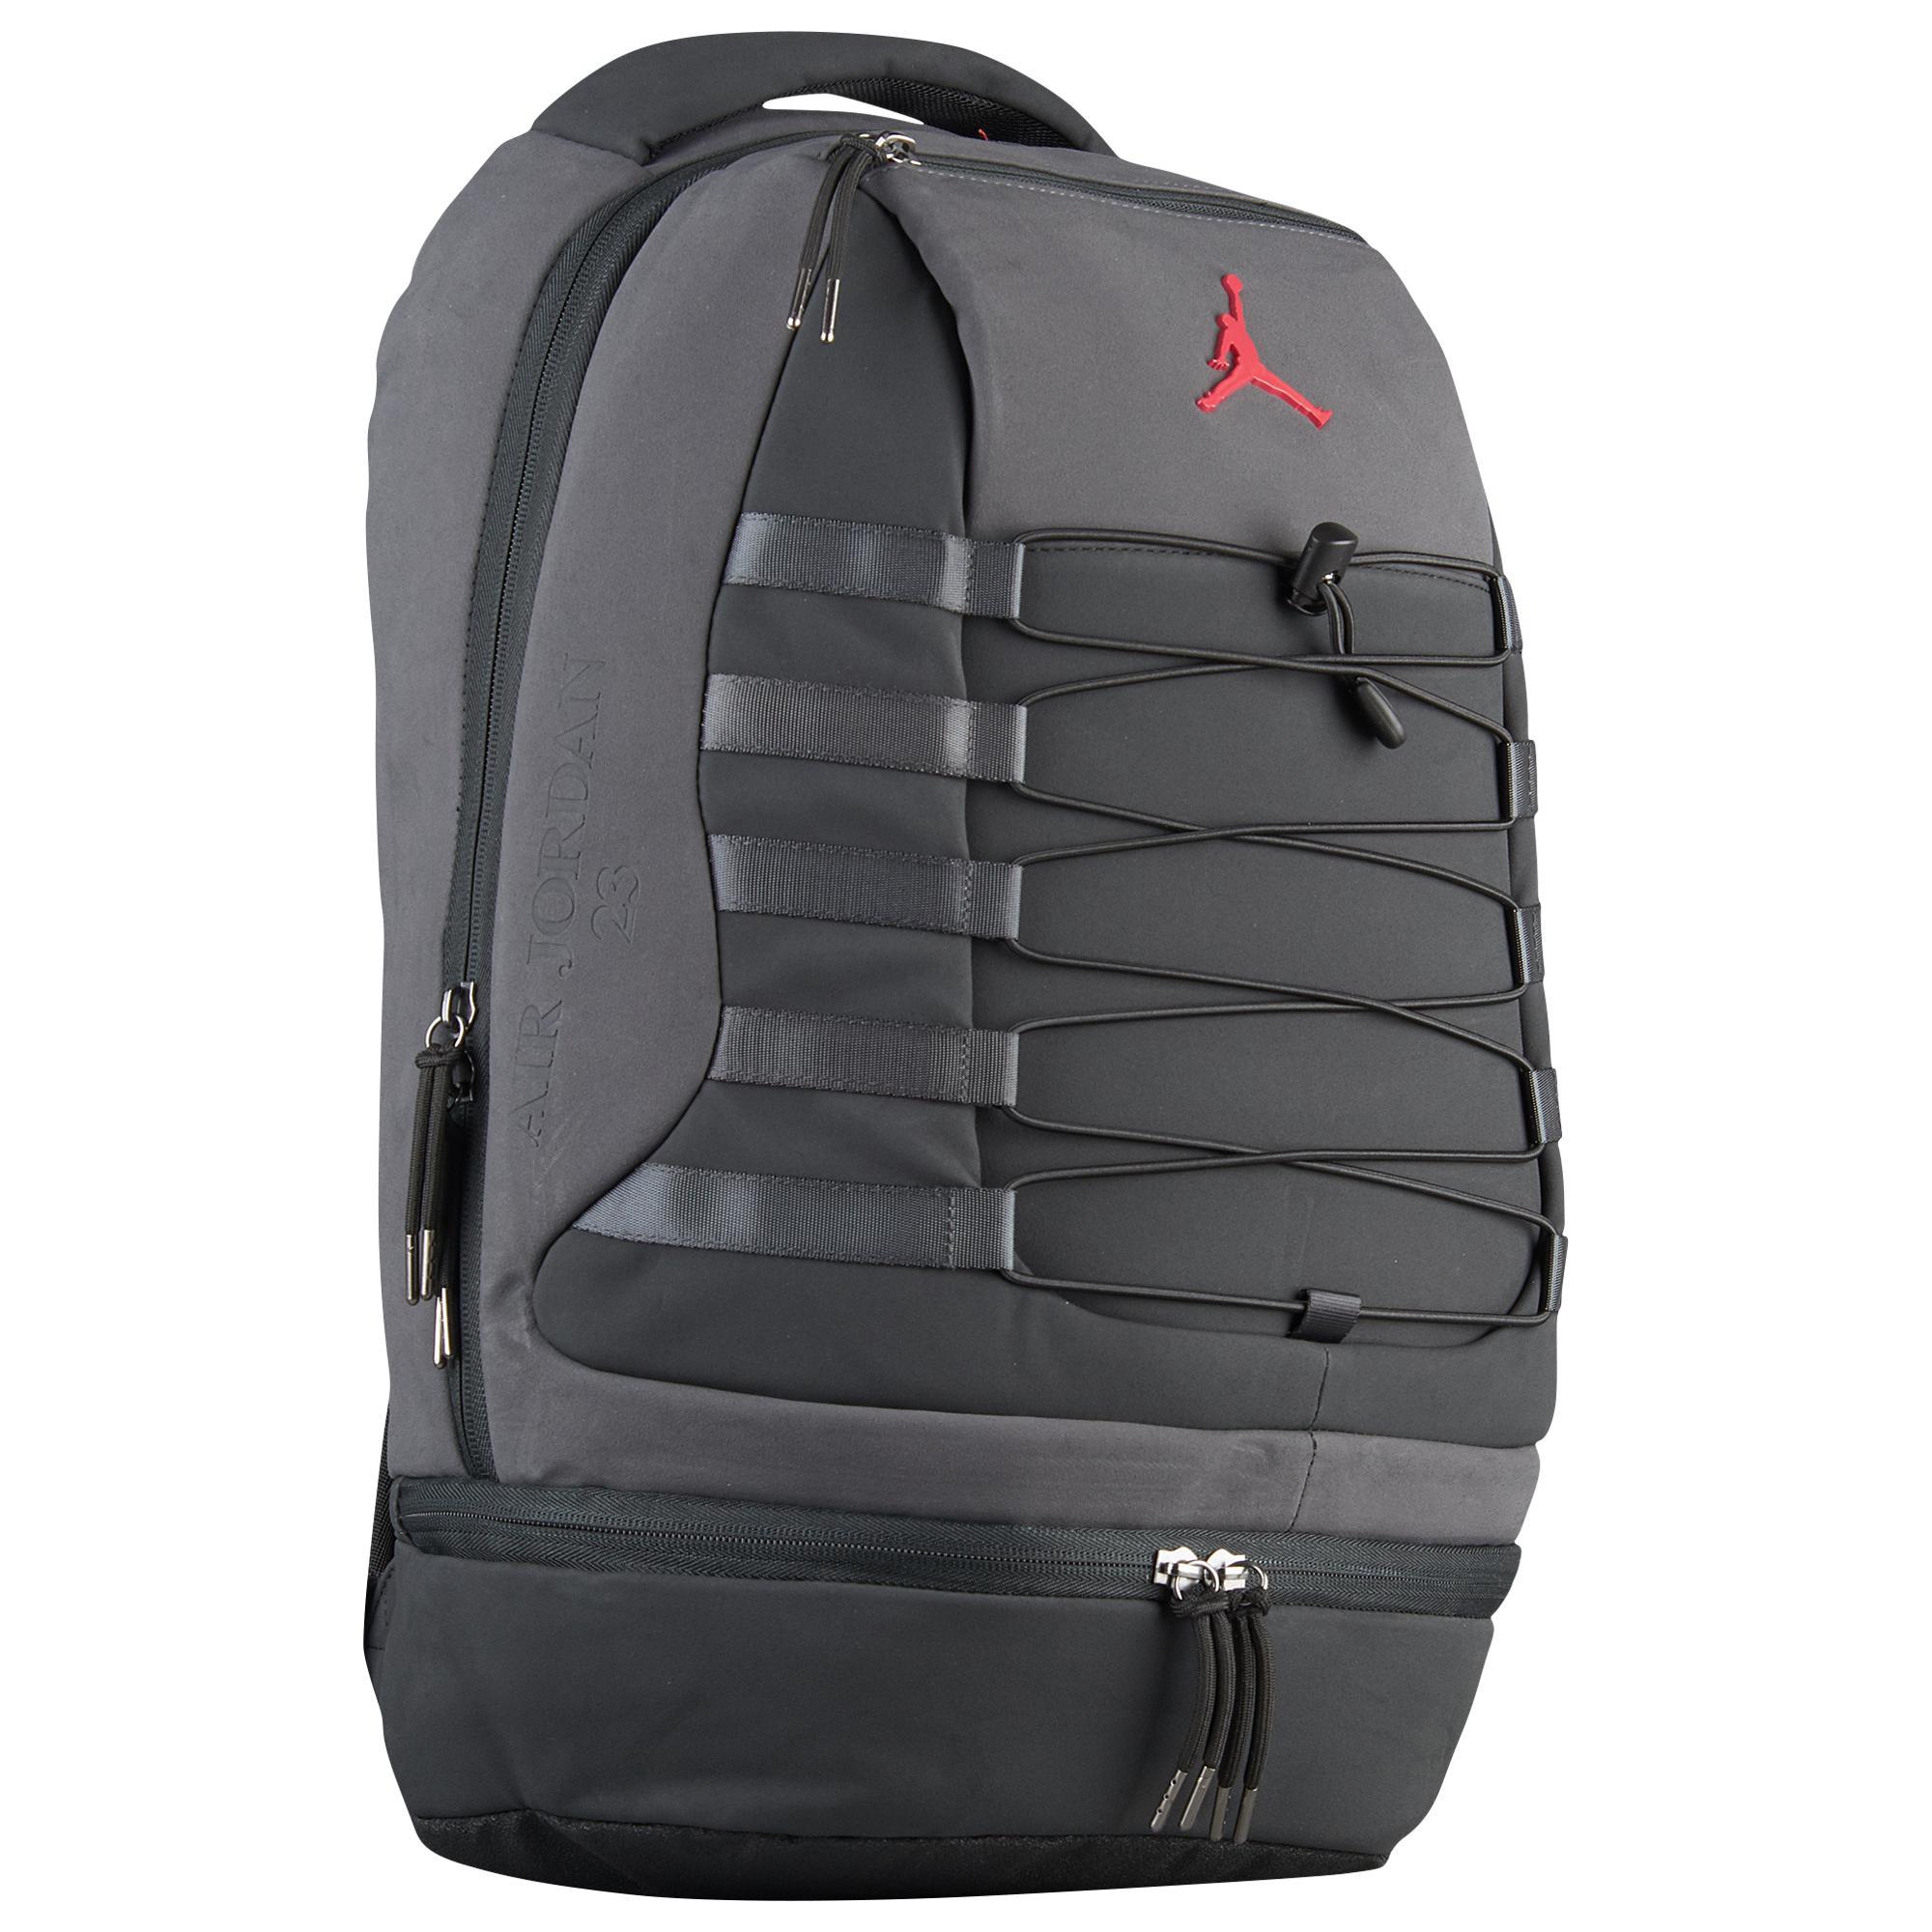 b25c3987007 Nike Retro 10 Backpack in Black for Men - Lyst